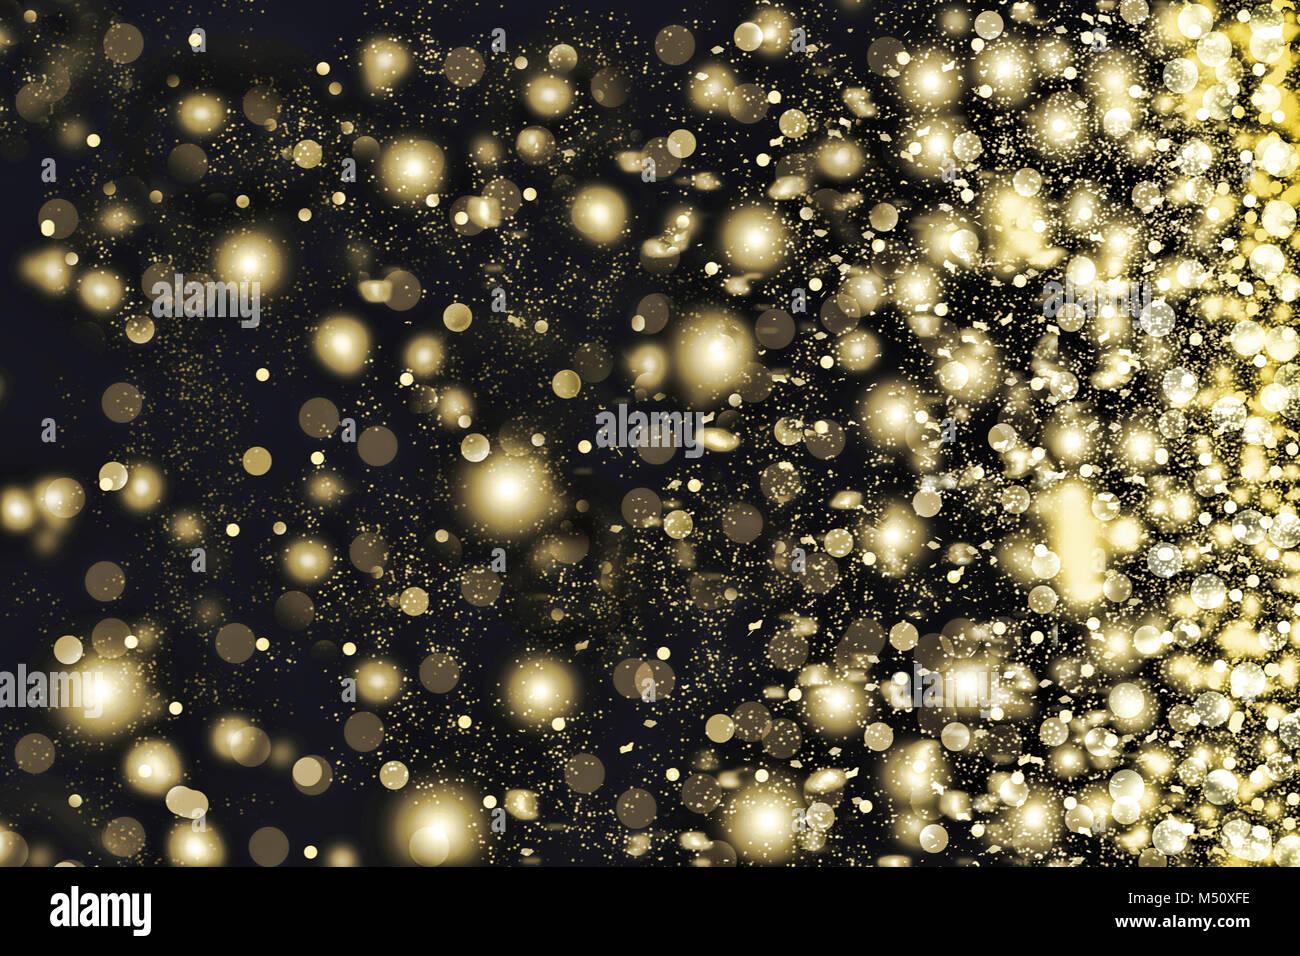 Golden Schneeflocken wirbeln auf schwarzem Hintergrund. Stockfoto